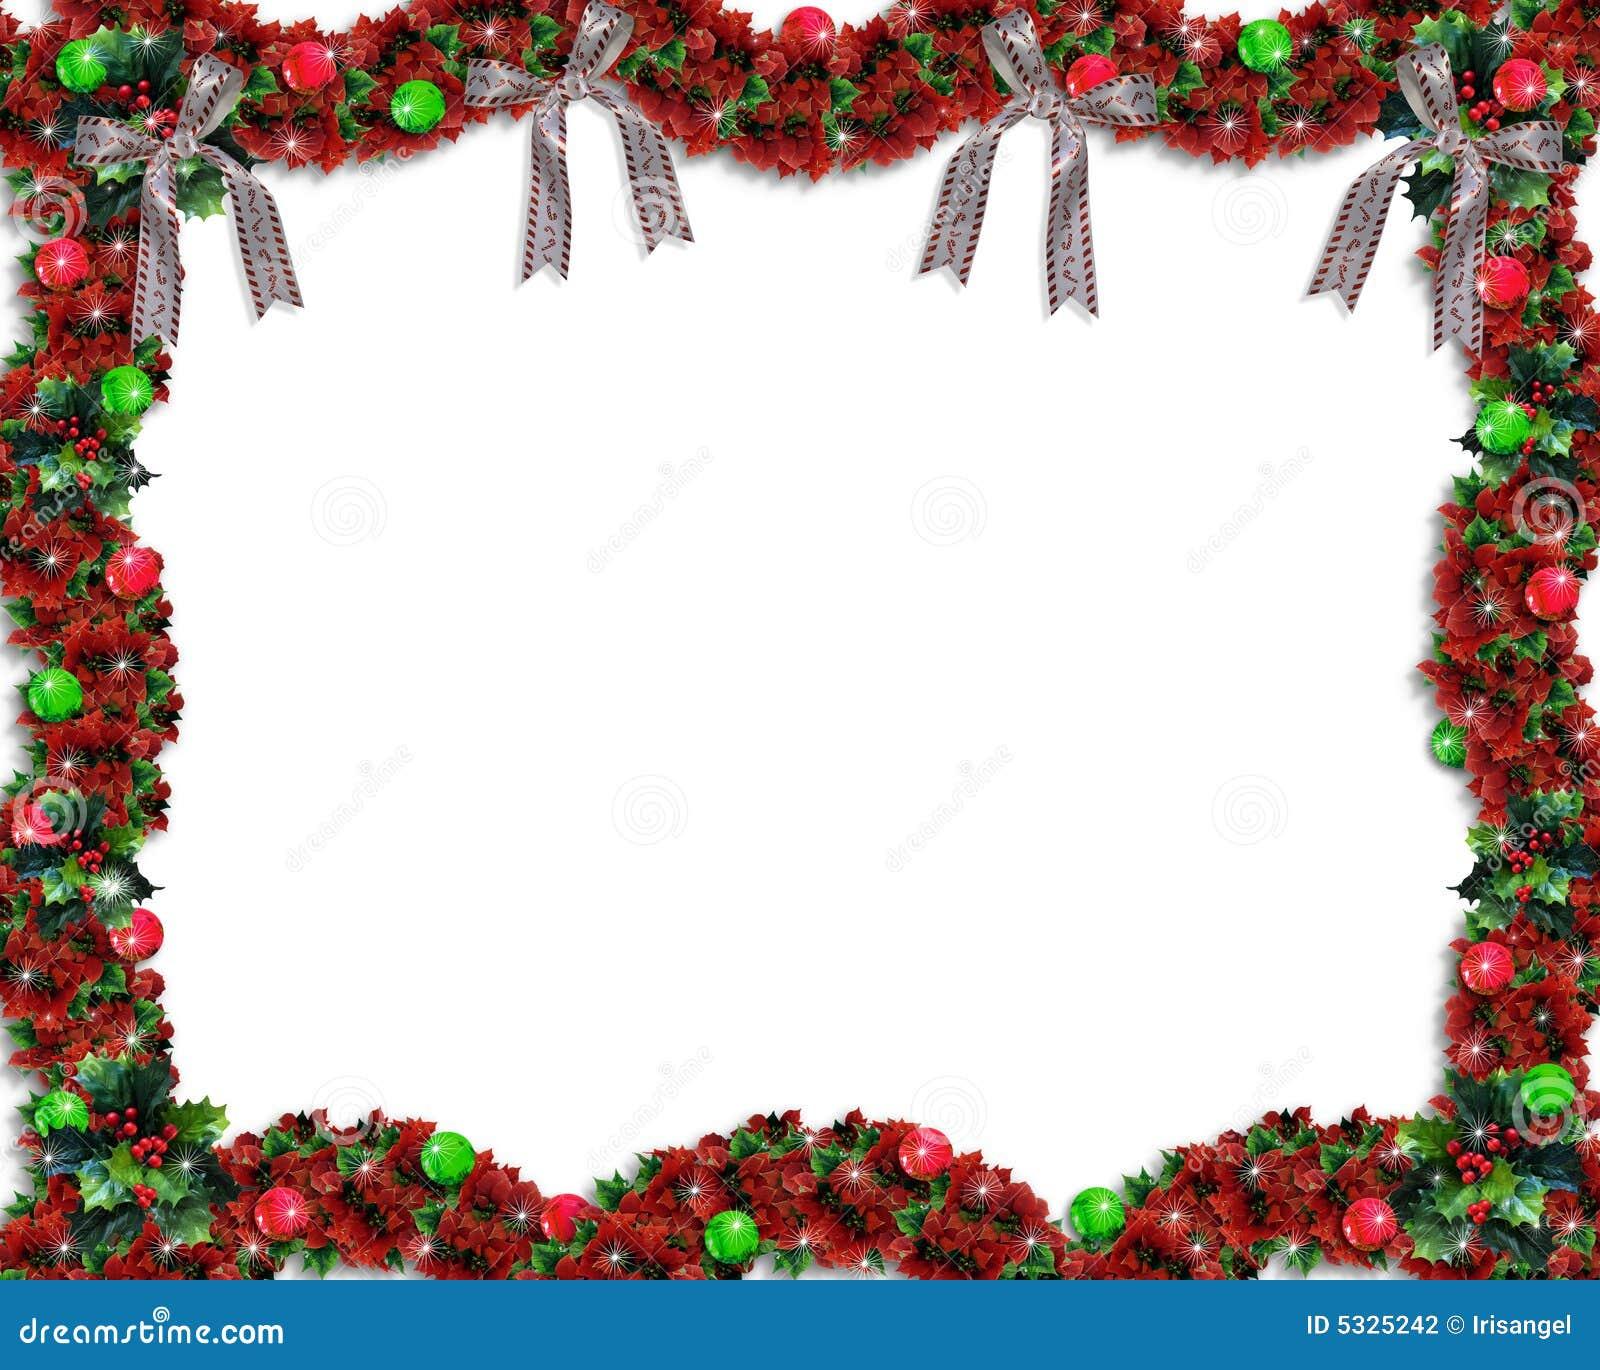 De Achtergrond Of De Grens Van De Slinger Van Kerstmis